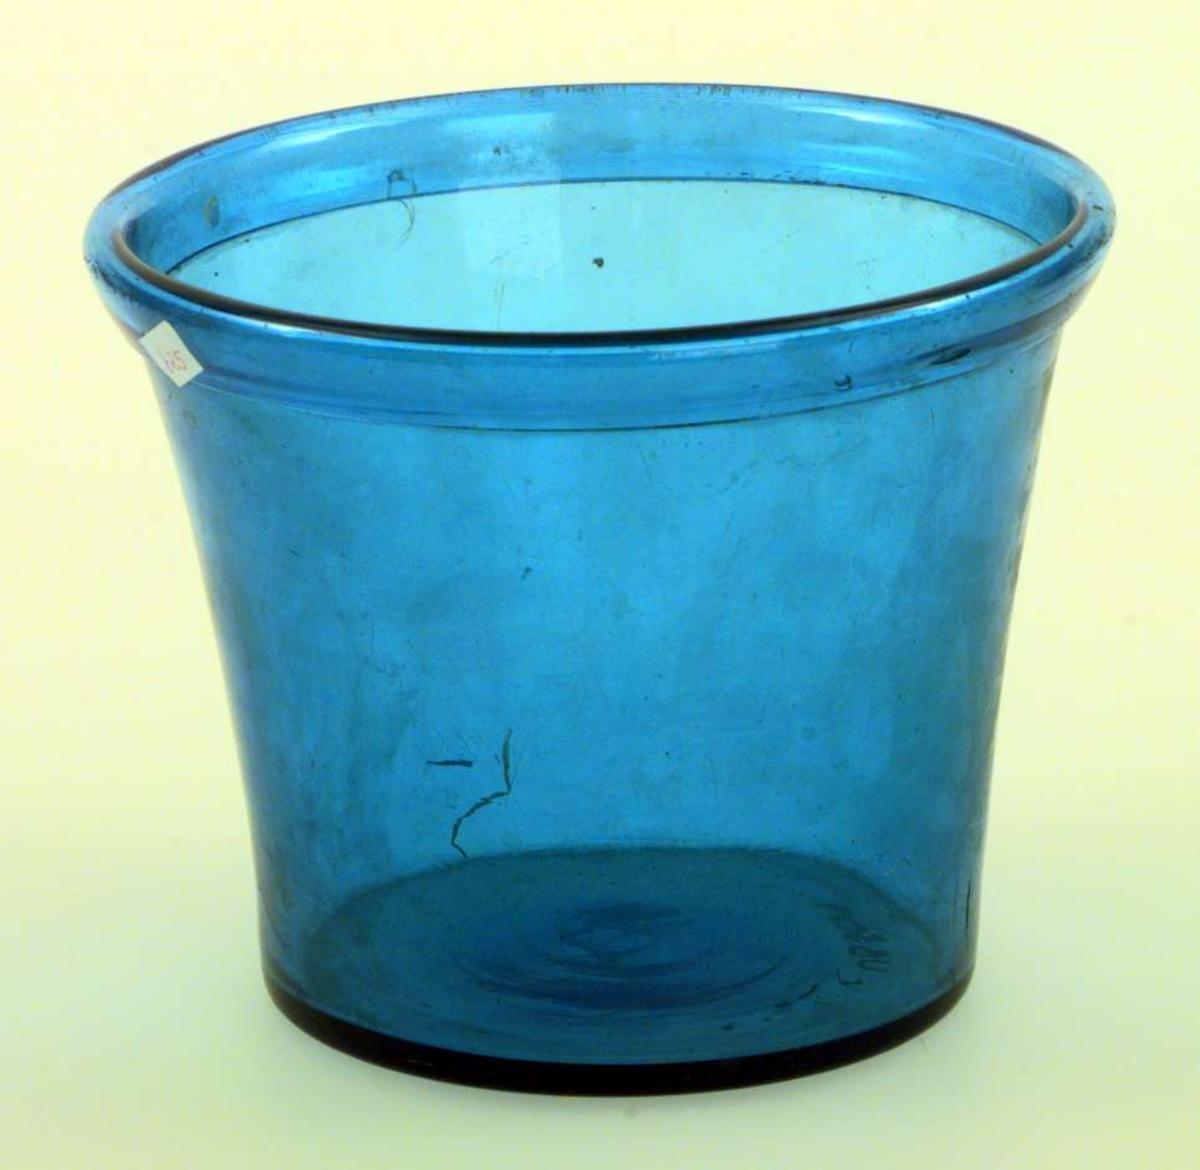 Urtepotte i blågrønt glass, ombrettet munningrand. Formen er konisk.